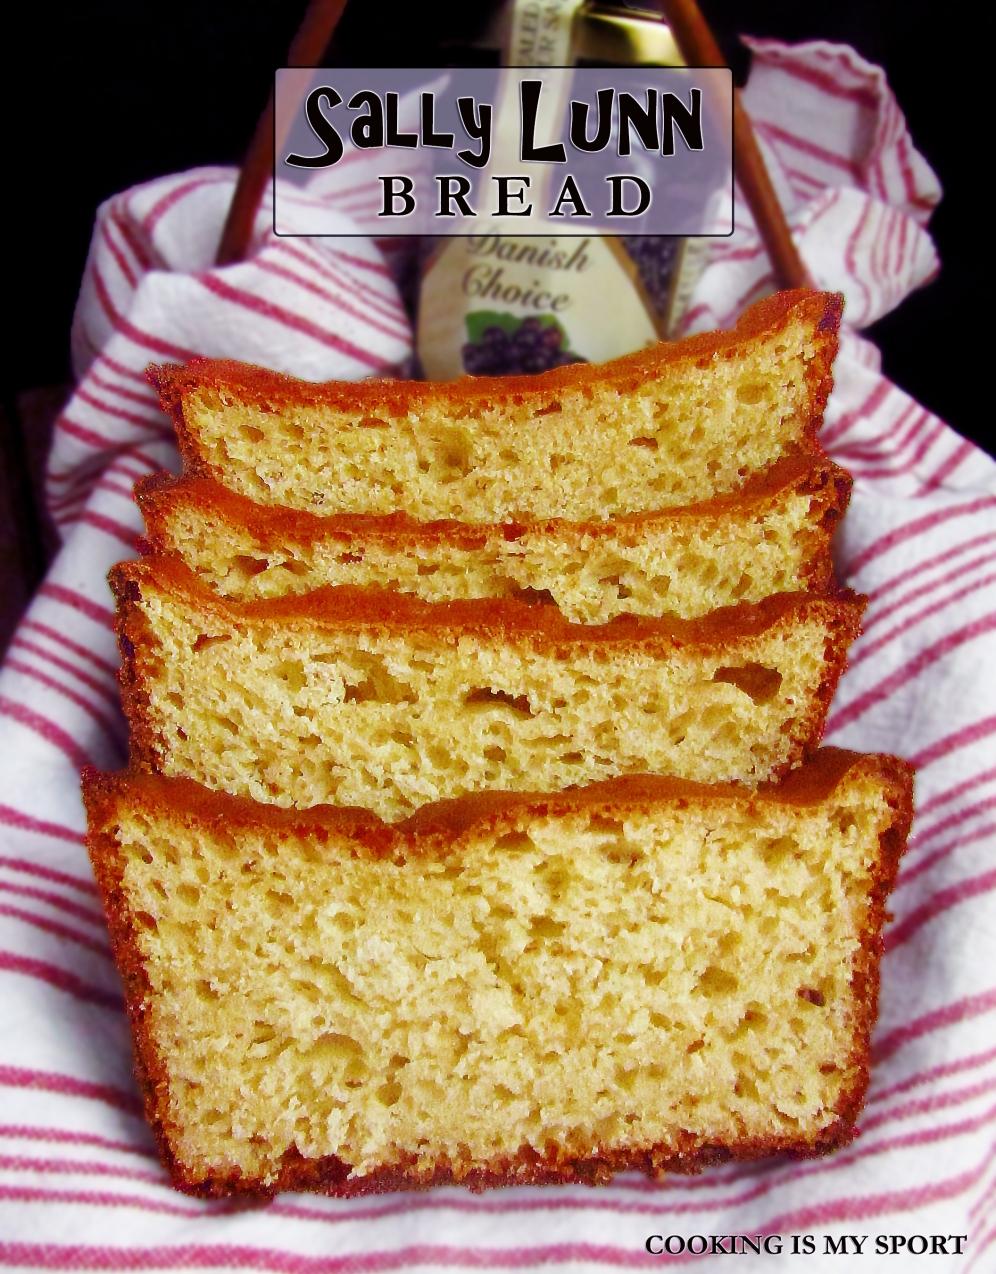 Sally Lunn Bread2